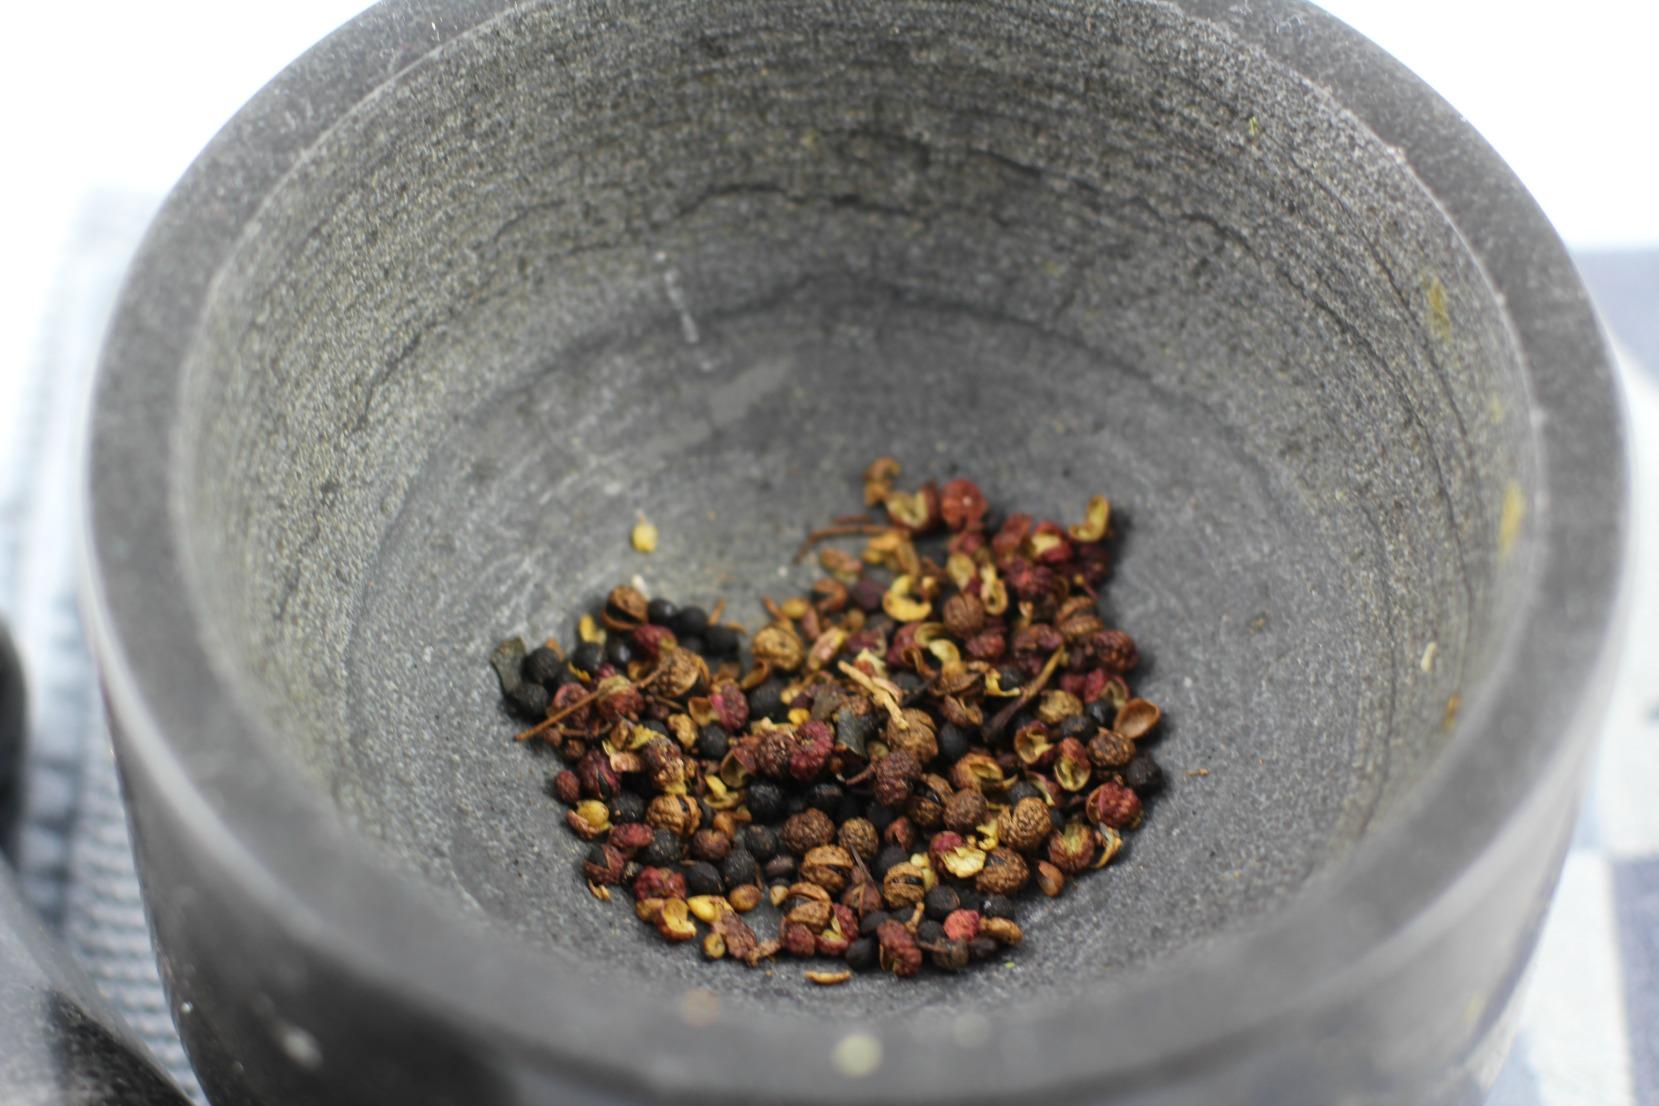 Der Szechuanpfeffer im Mörser für die Rouladen.